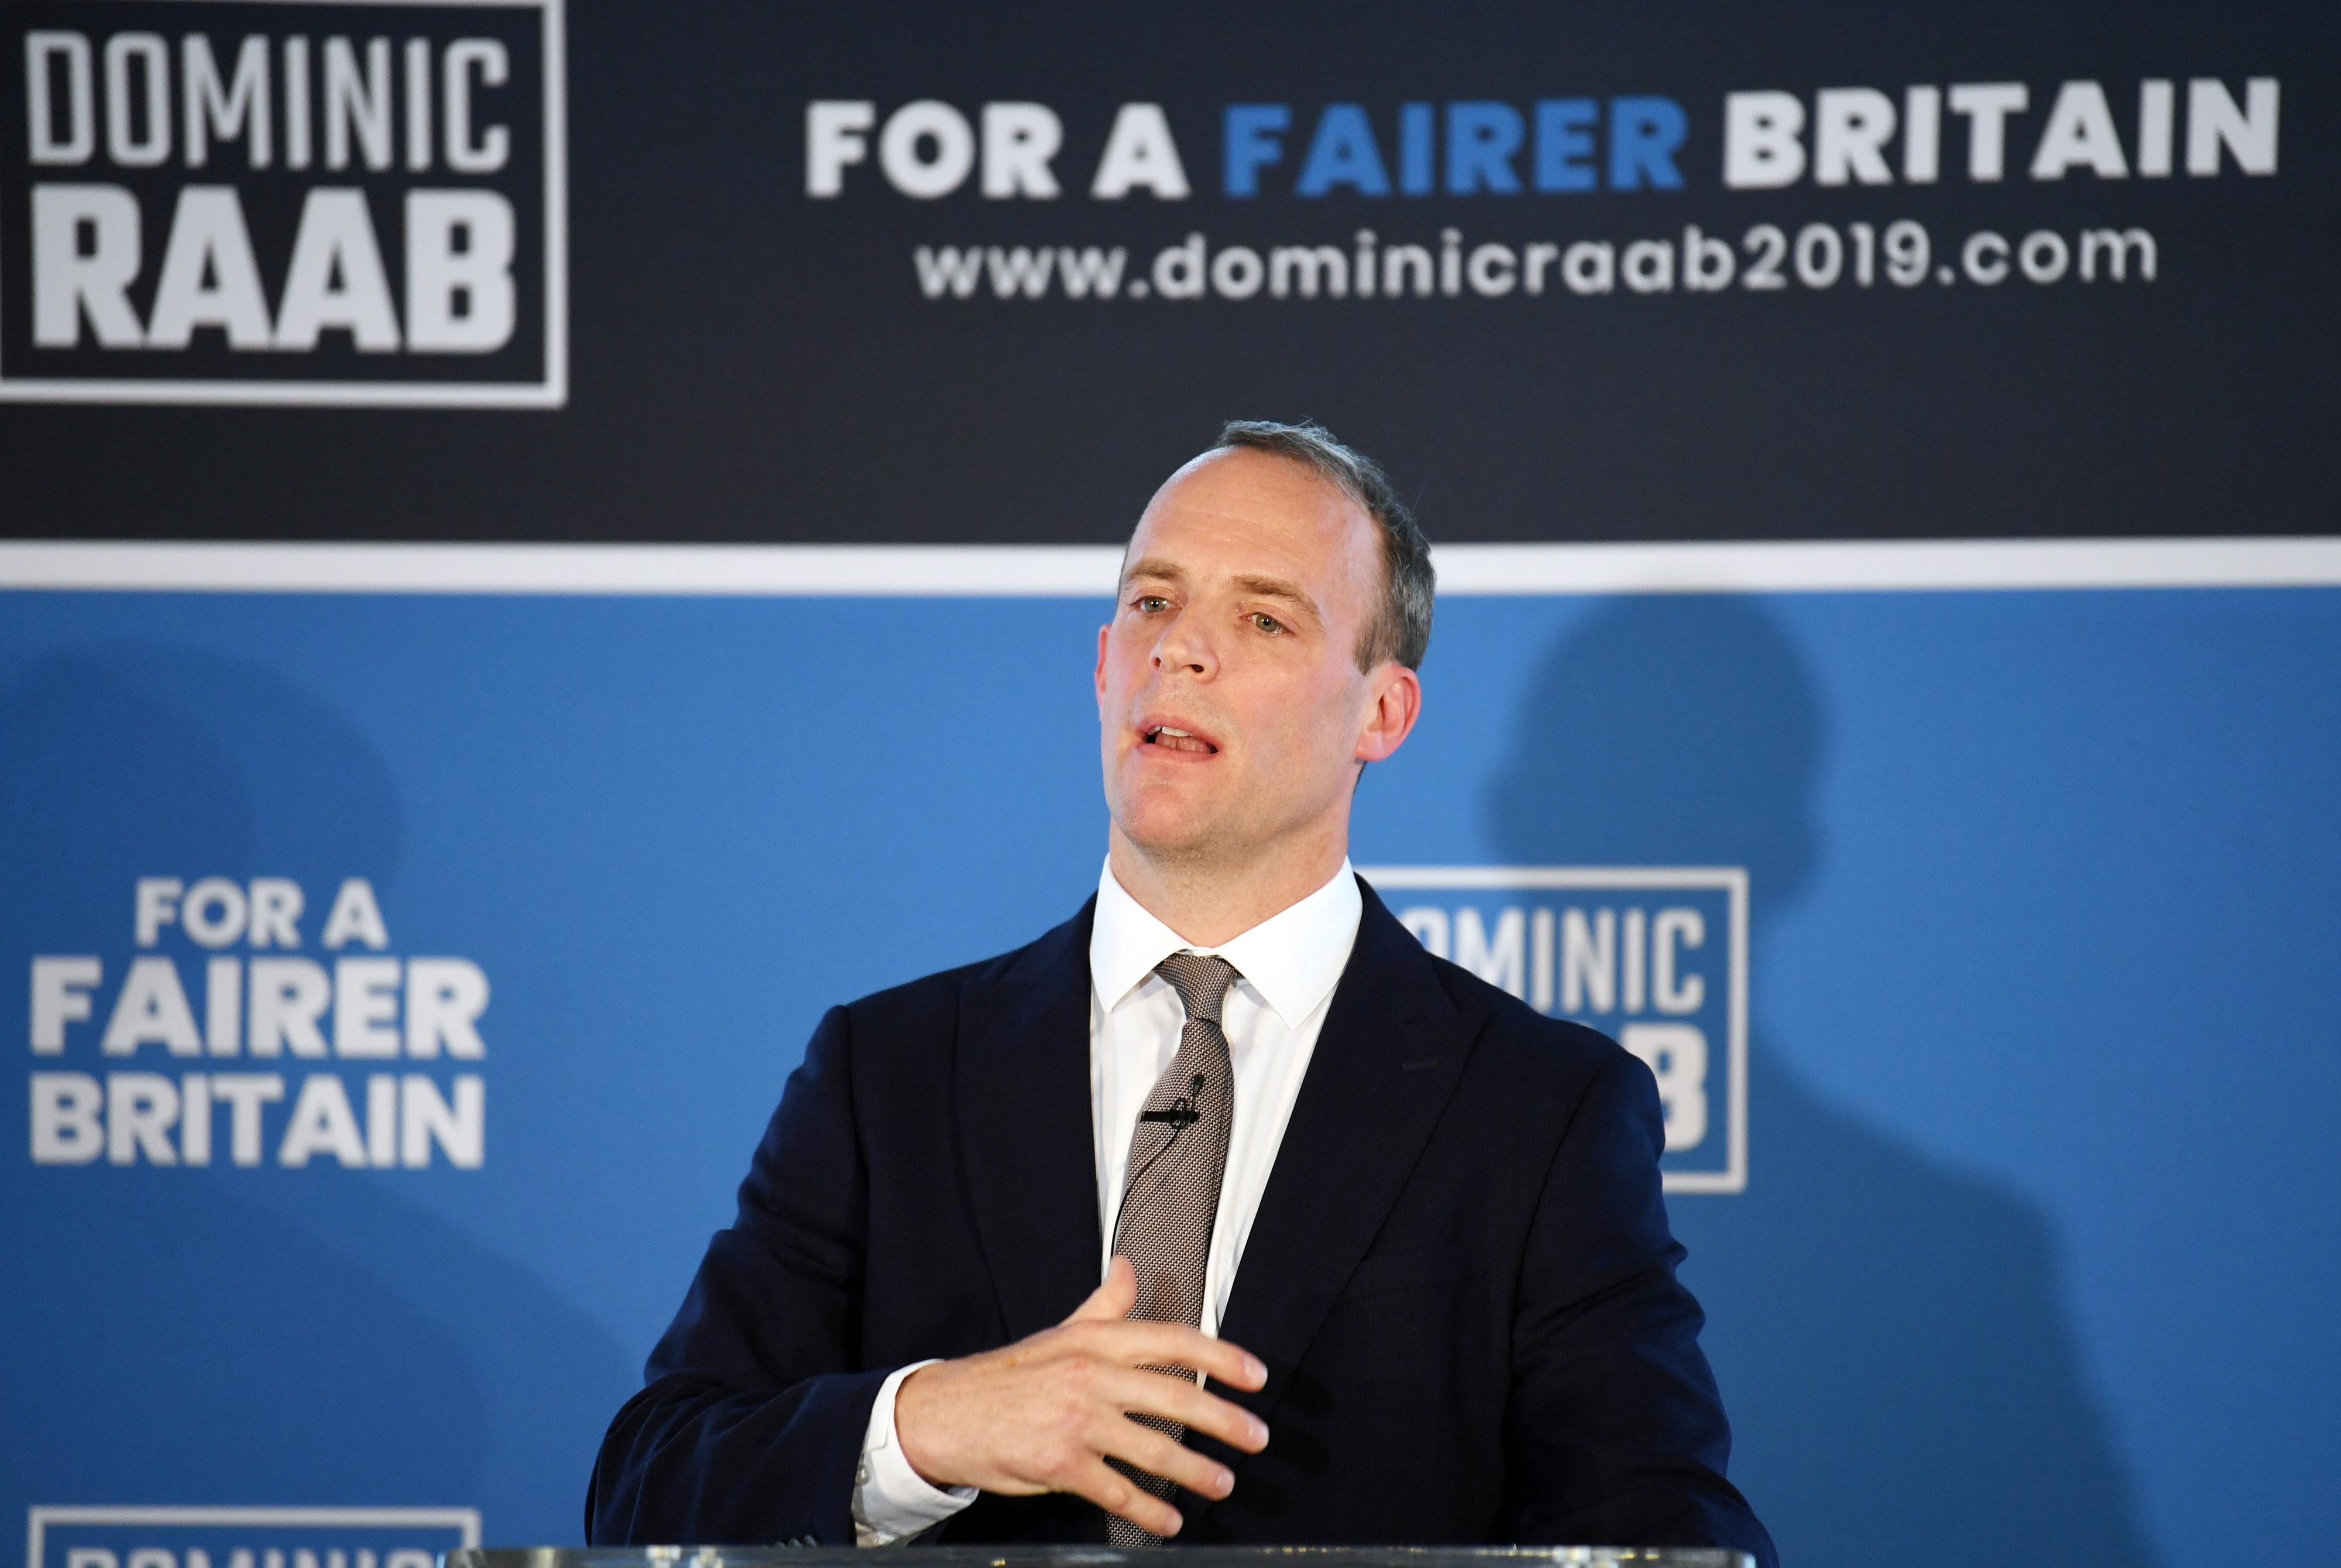 Ex-ministro para o 'Brexit' Dominic Raab eliminado da eleição para liderança conservadora